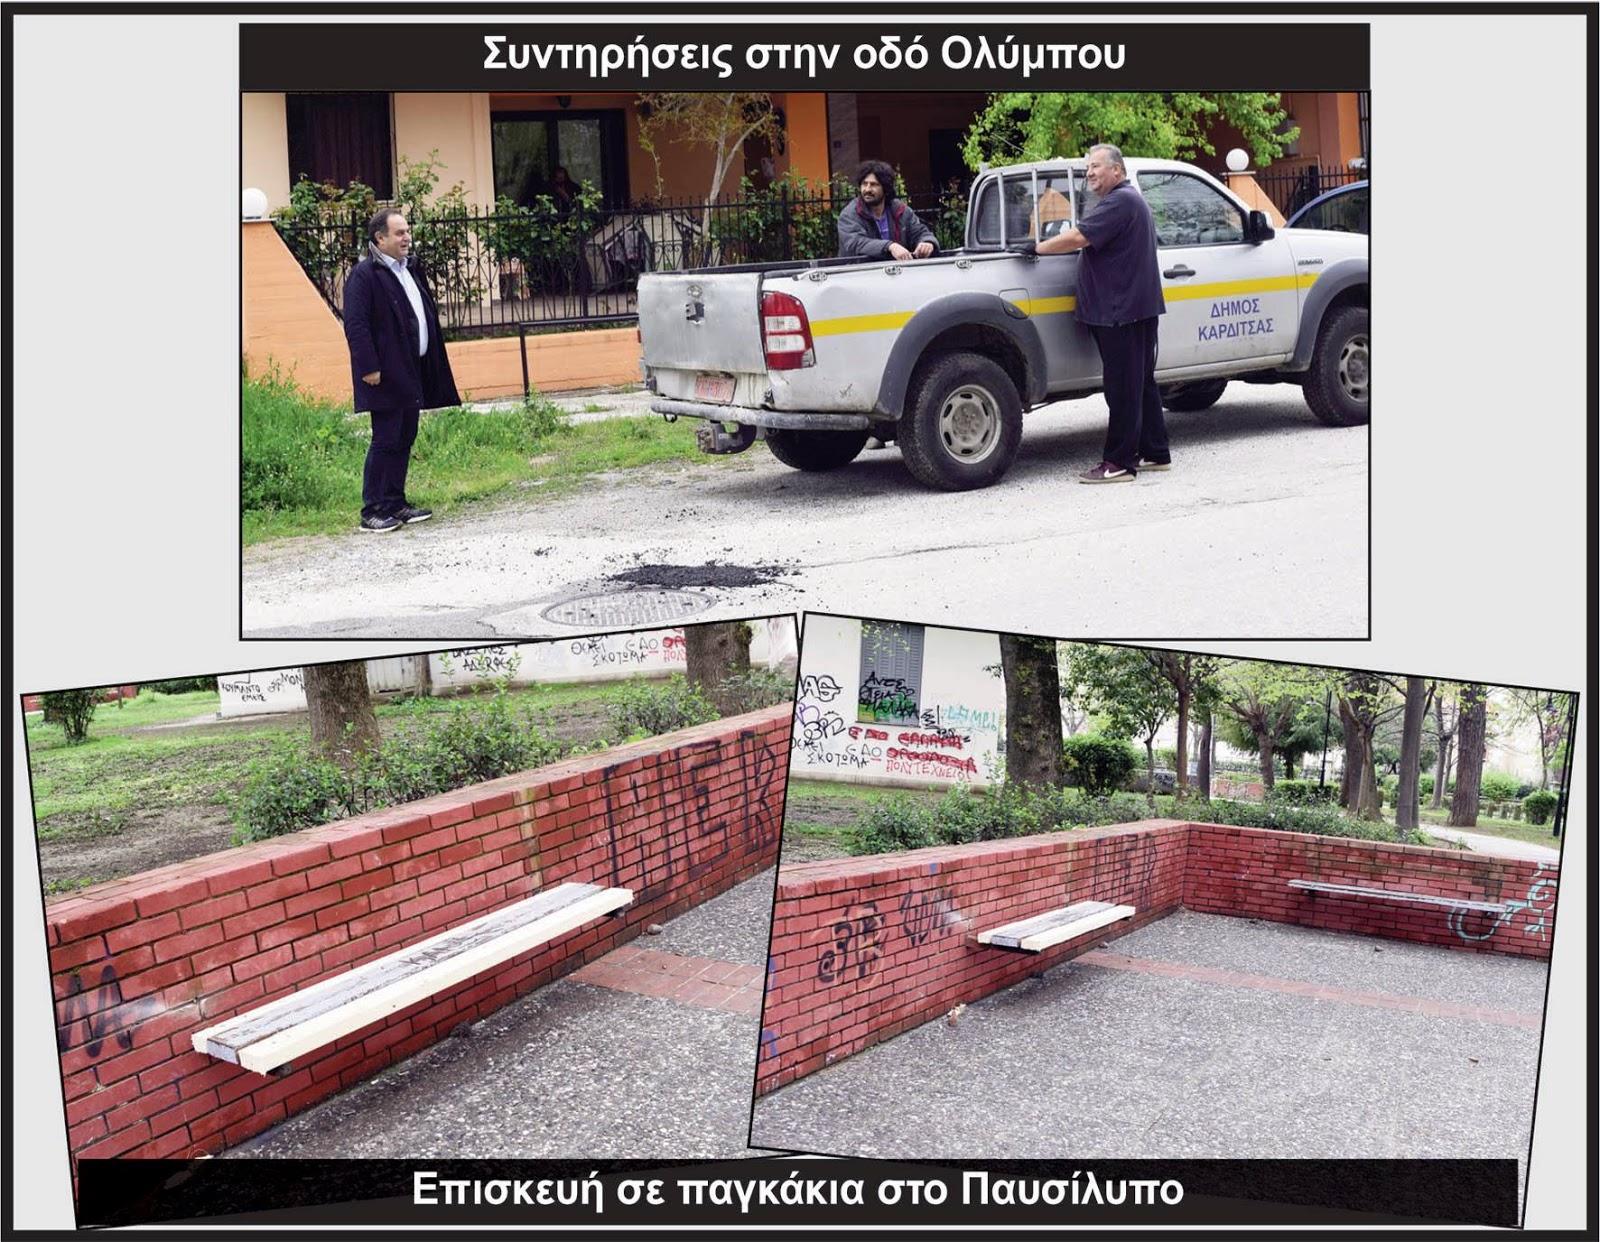 Σε διαρκή εγρήγορση βρίσκονται οι τεχνικές υπηρεσίες του Δήμου Καρδίτσας